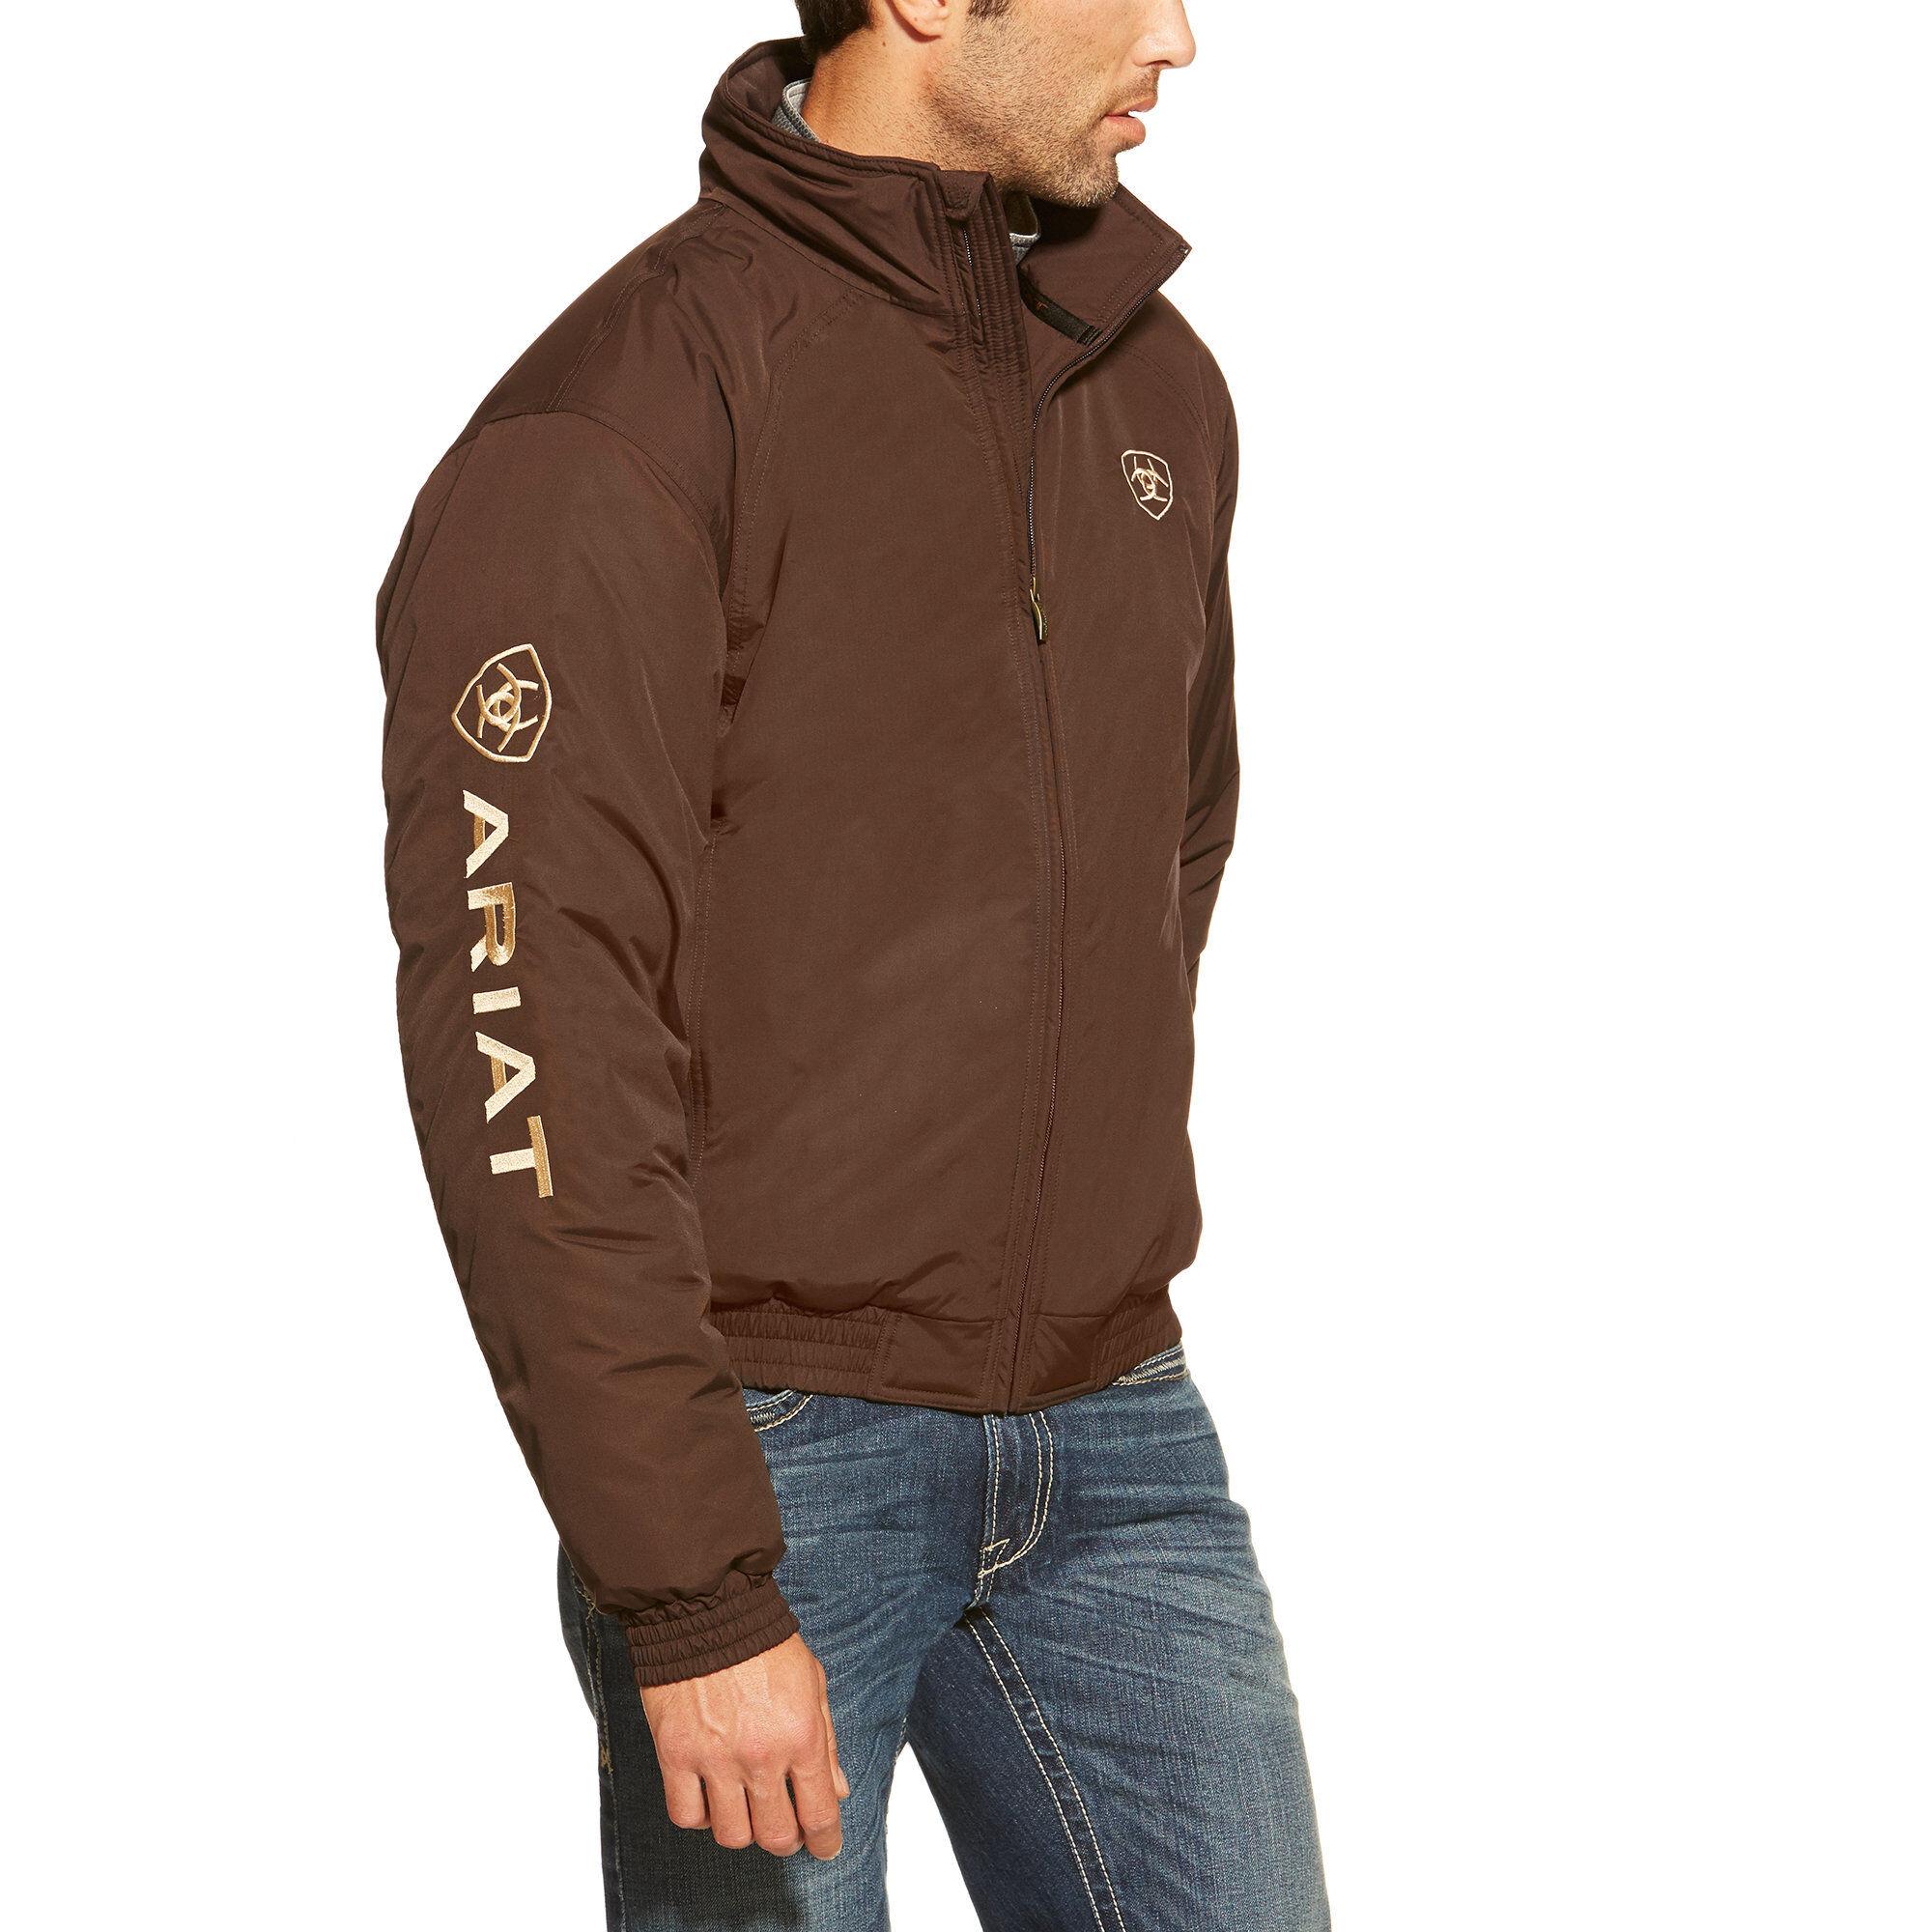 Stable Waterproof Jacket